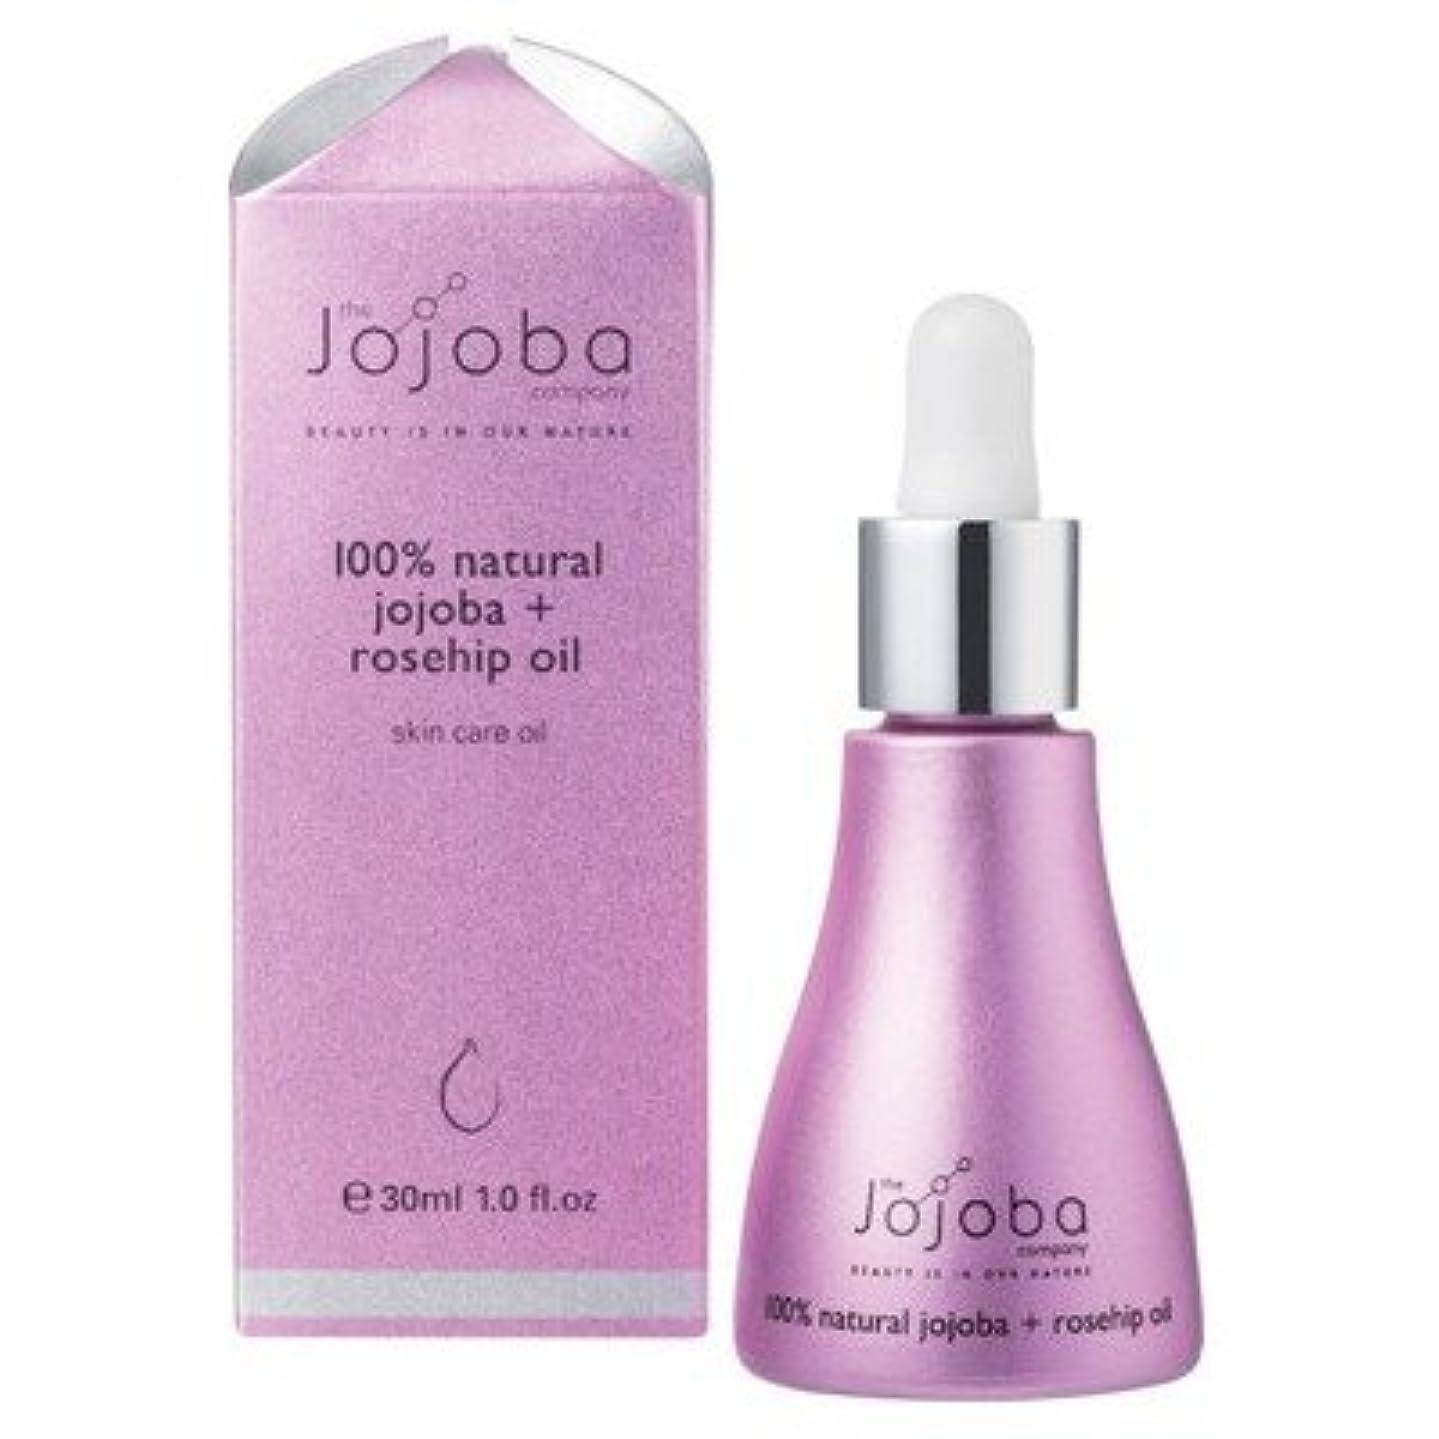 苦しみ暗殺カニthe Jojoba Company 100% Natural Australian Jojoba Oil + Rosehip Oil ホホバ&ローズヒップブレンドオイル 30ml [海外直送品]